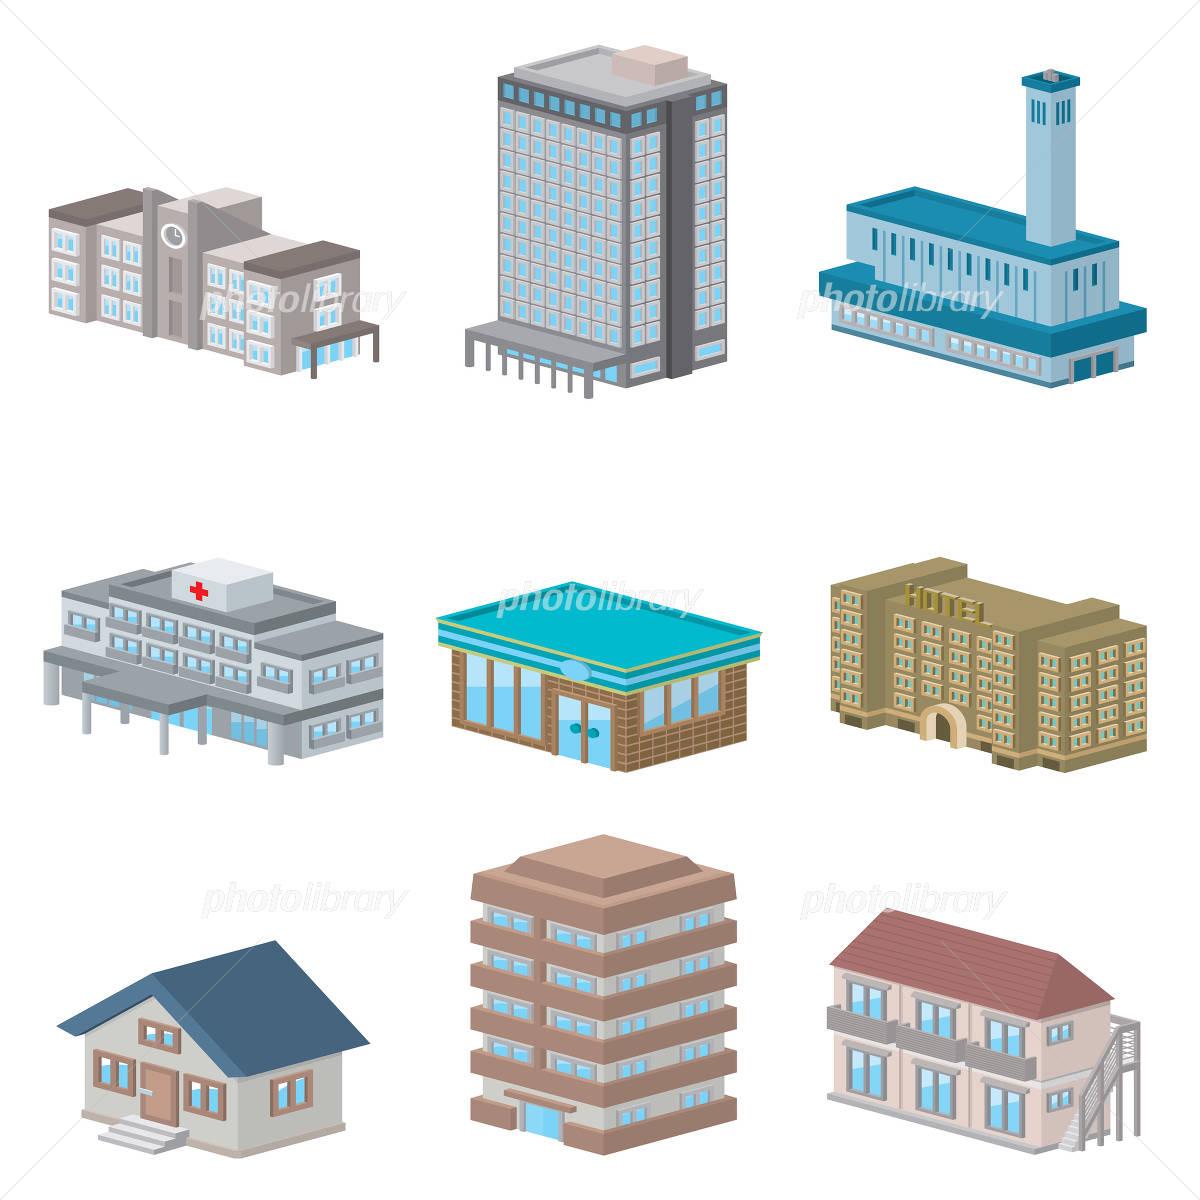 建物 イラスト素材 2817545 フォトライブラリー Photolibrary